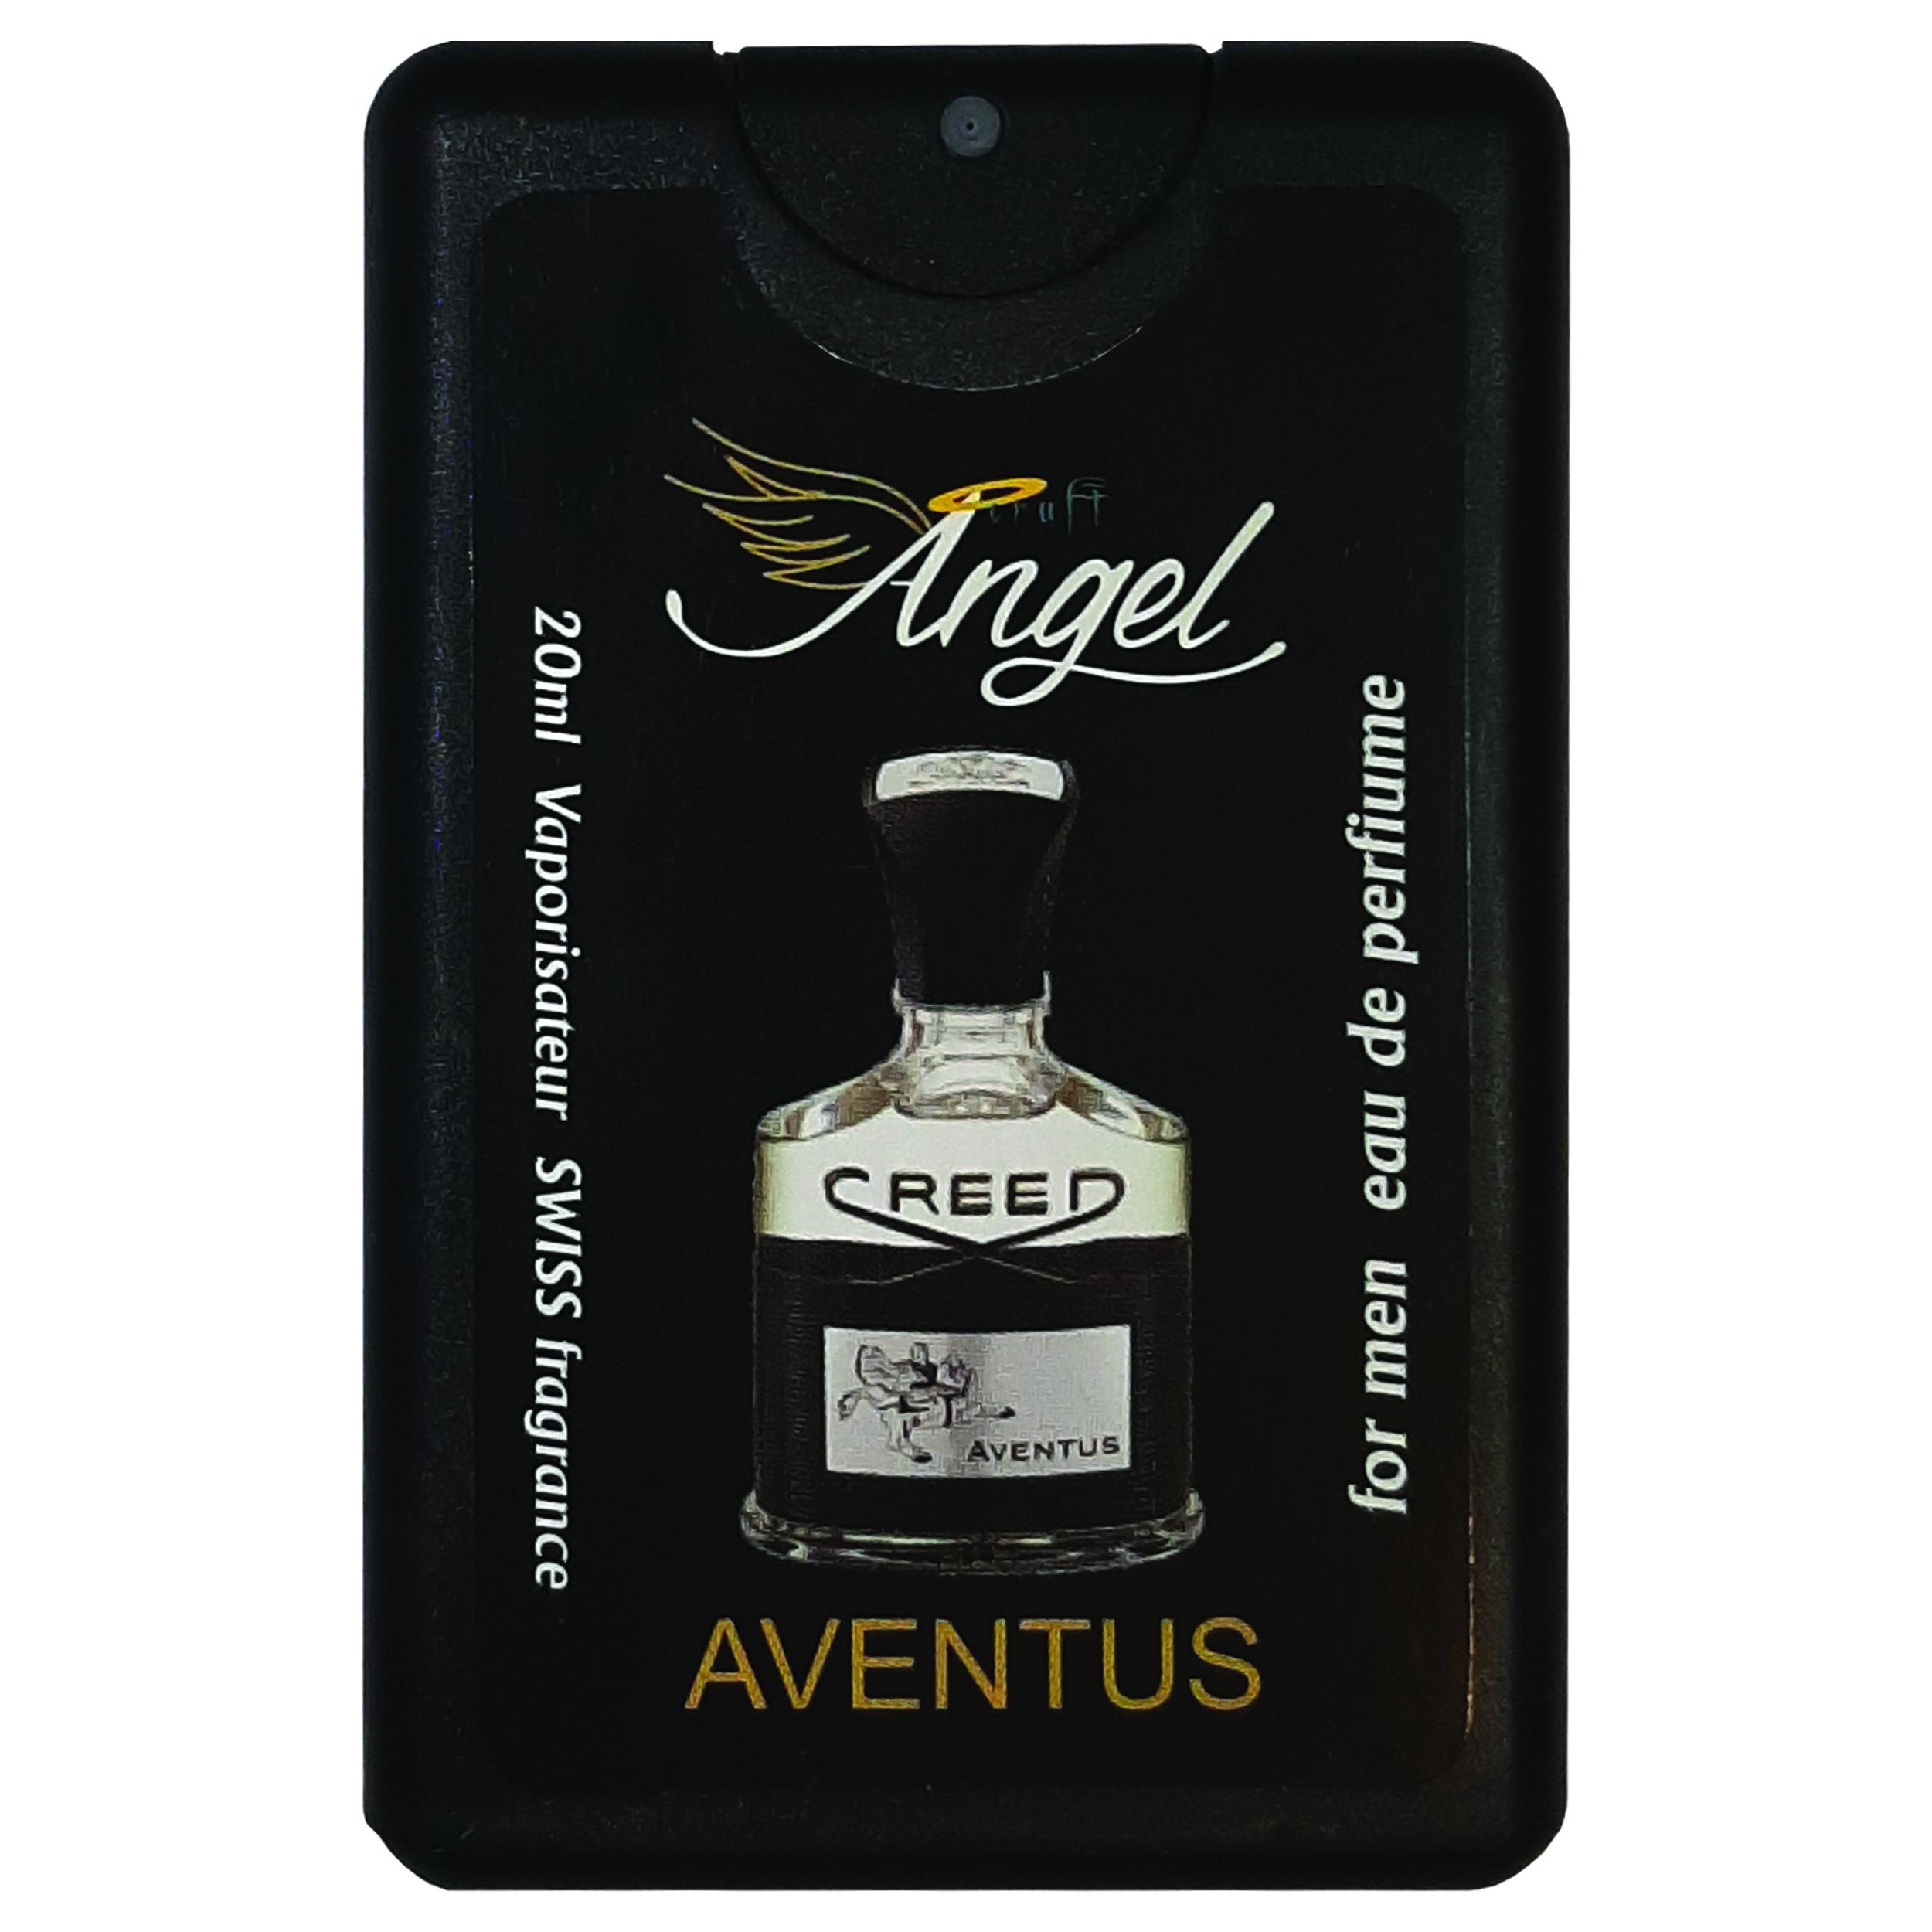 عطر جیبی مردانه انجل کرفت مدل Aventus حجم 20 میلی لیتر